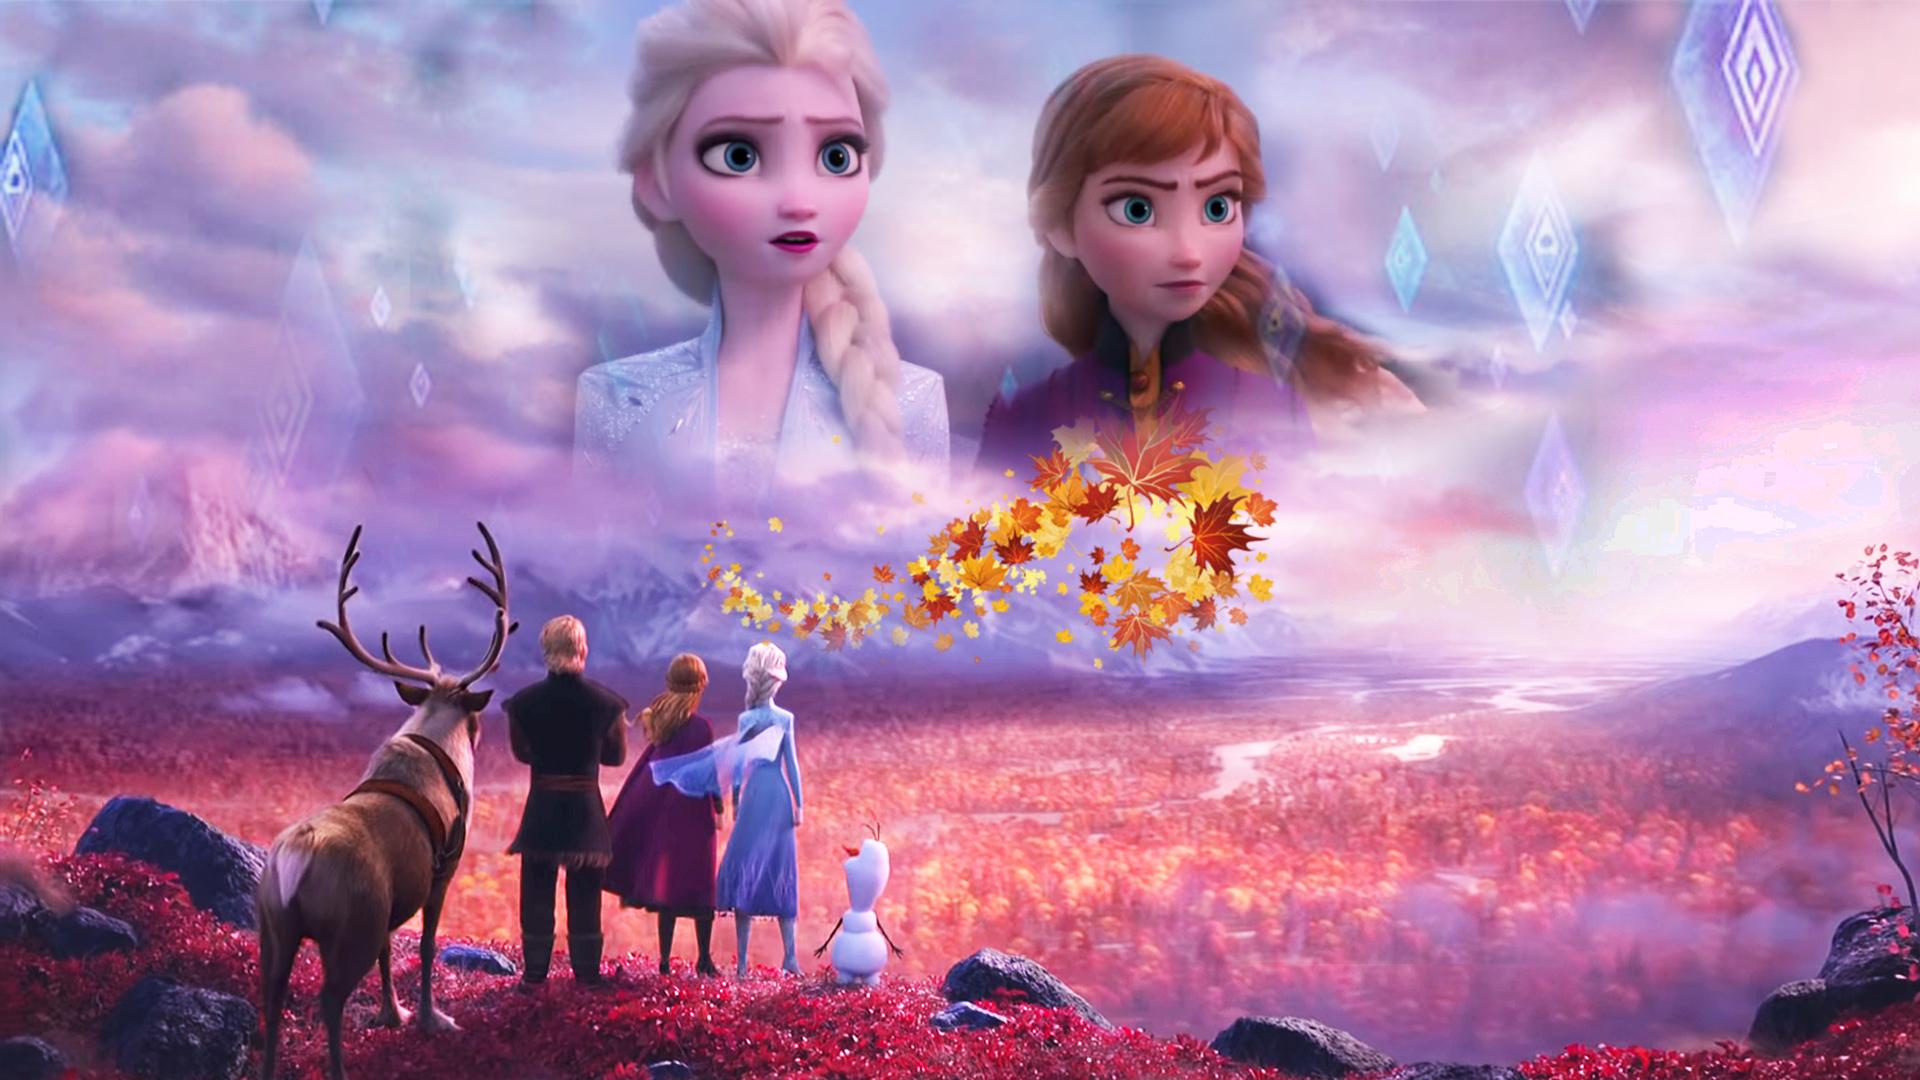 Frozen 2 Wallpaper by The-Dark-Mamba-995 on DeviantArt